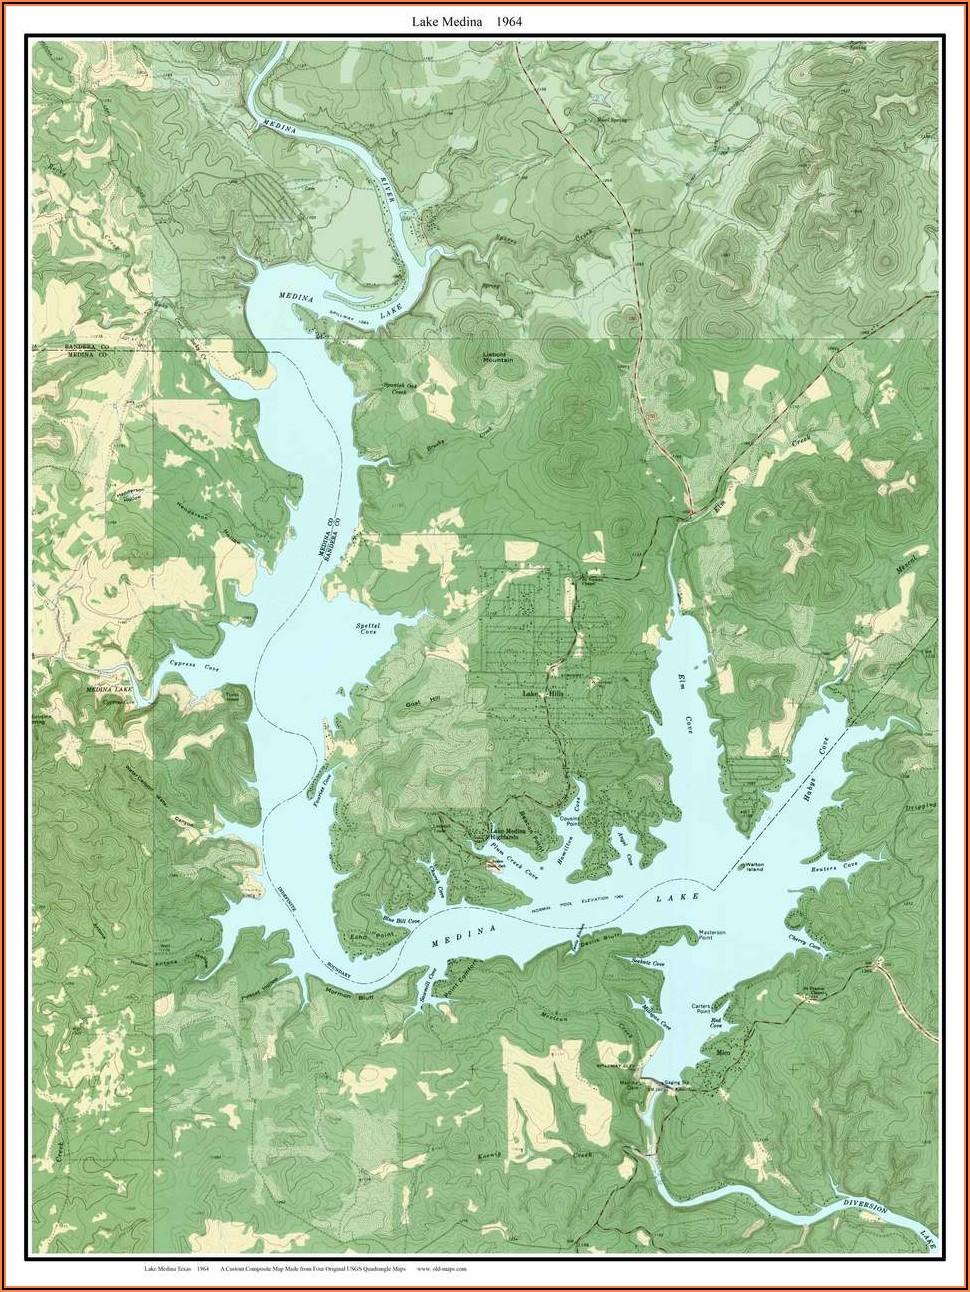 Old Texas Topo Maps